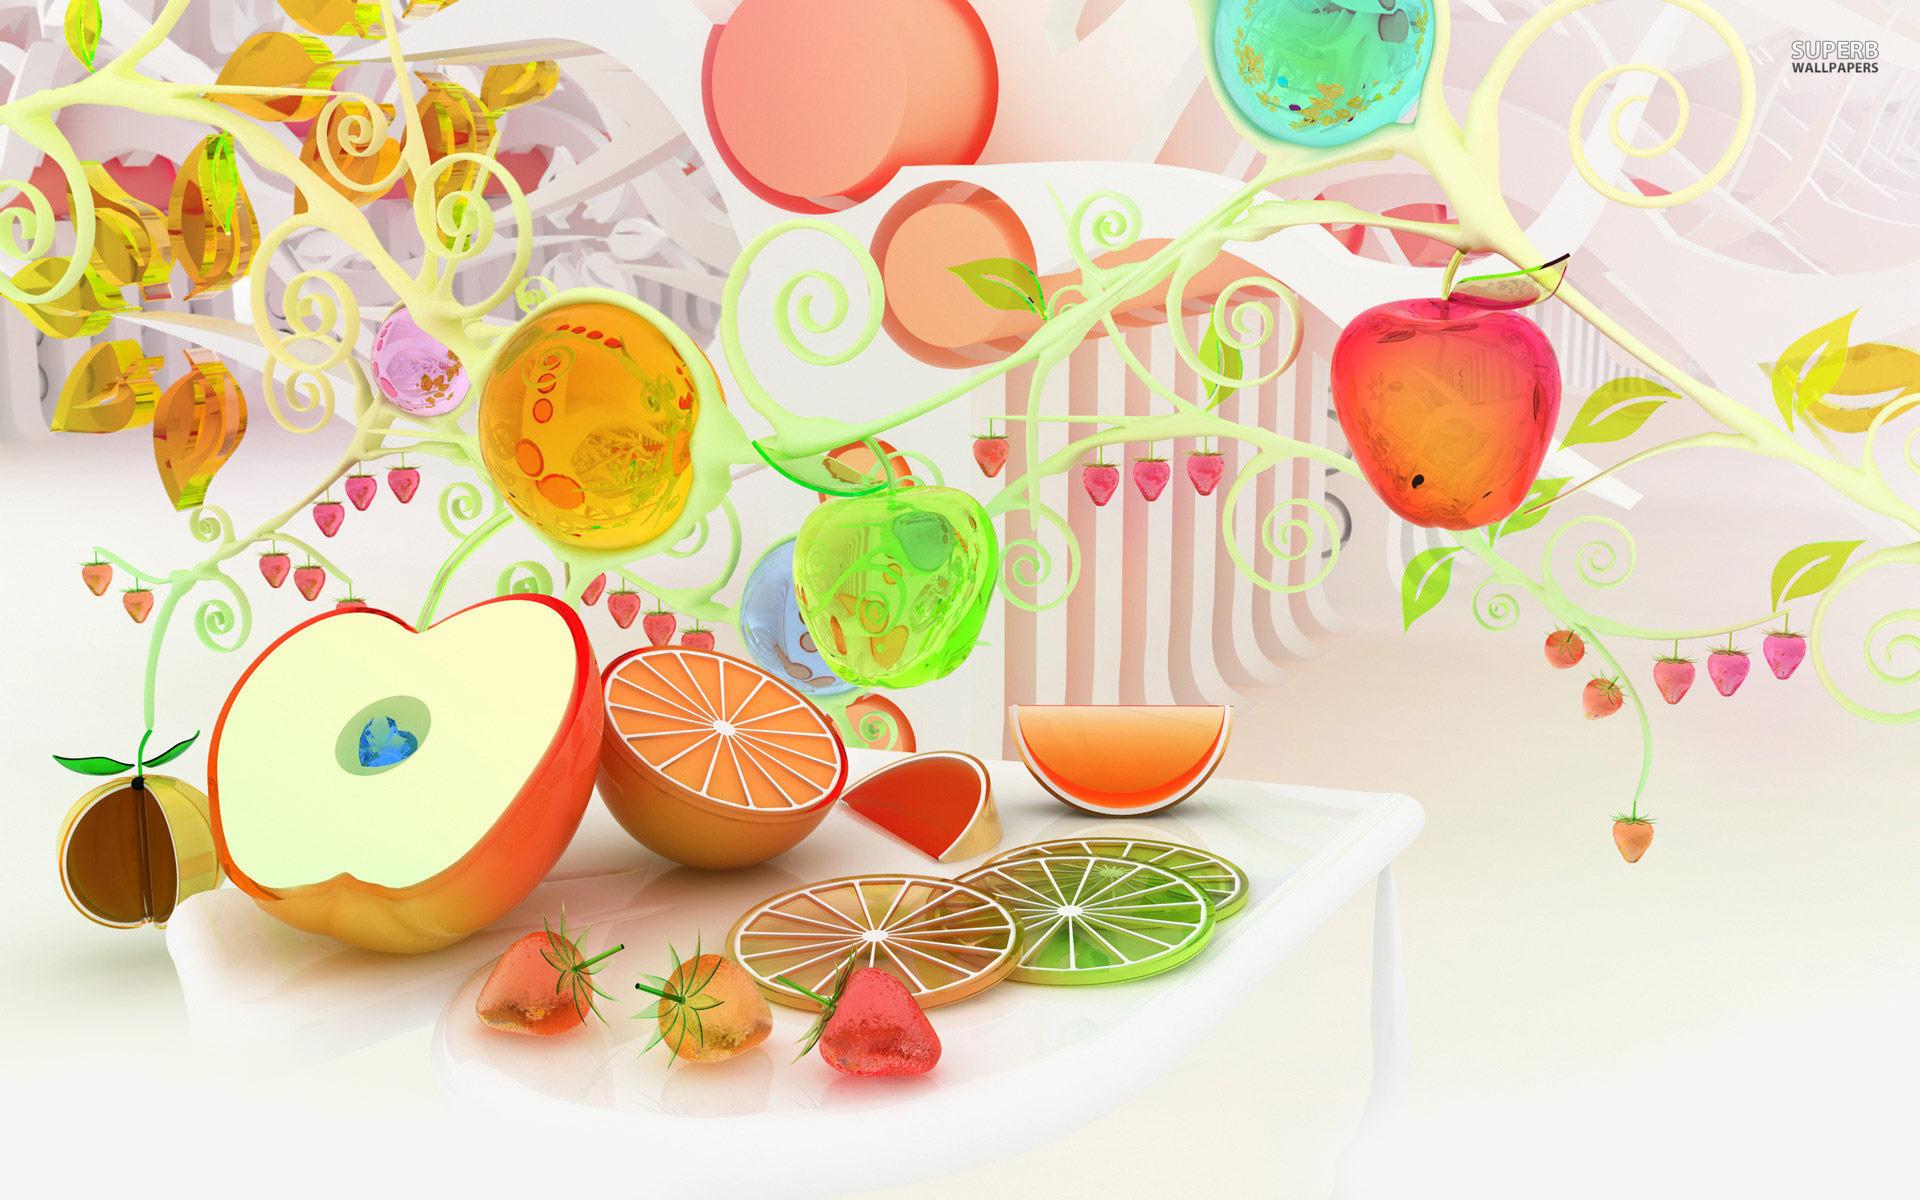 延边水果之王--苹果梨ppt模板:这是一个关于延边水果之王--苹果梨ppt模板,主要介绍了苹果梨概况、栽培环境、营养功效、荣誉认证、故乡、食用方法等内容。欢迎点击下载延边水果之王--苹果梨ppt模板哦。延边 朝鲜族自治州( 谚文:연변조선족자치주),简称延边州或 延边,位于中国东北 吉林省东部 中朝边境,是中国少数民族 自治州之一,首府为 延吉市(县级市),辖区面积43474平方公里,人口约21